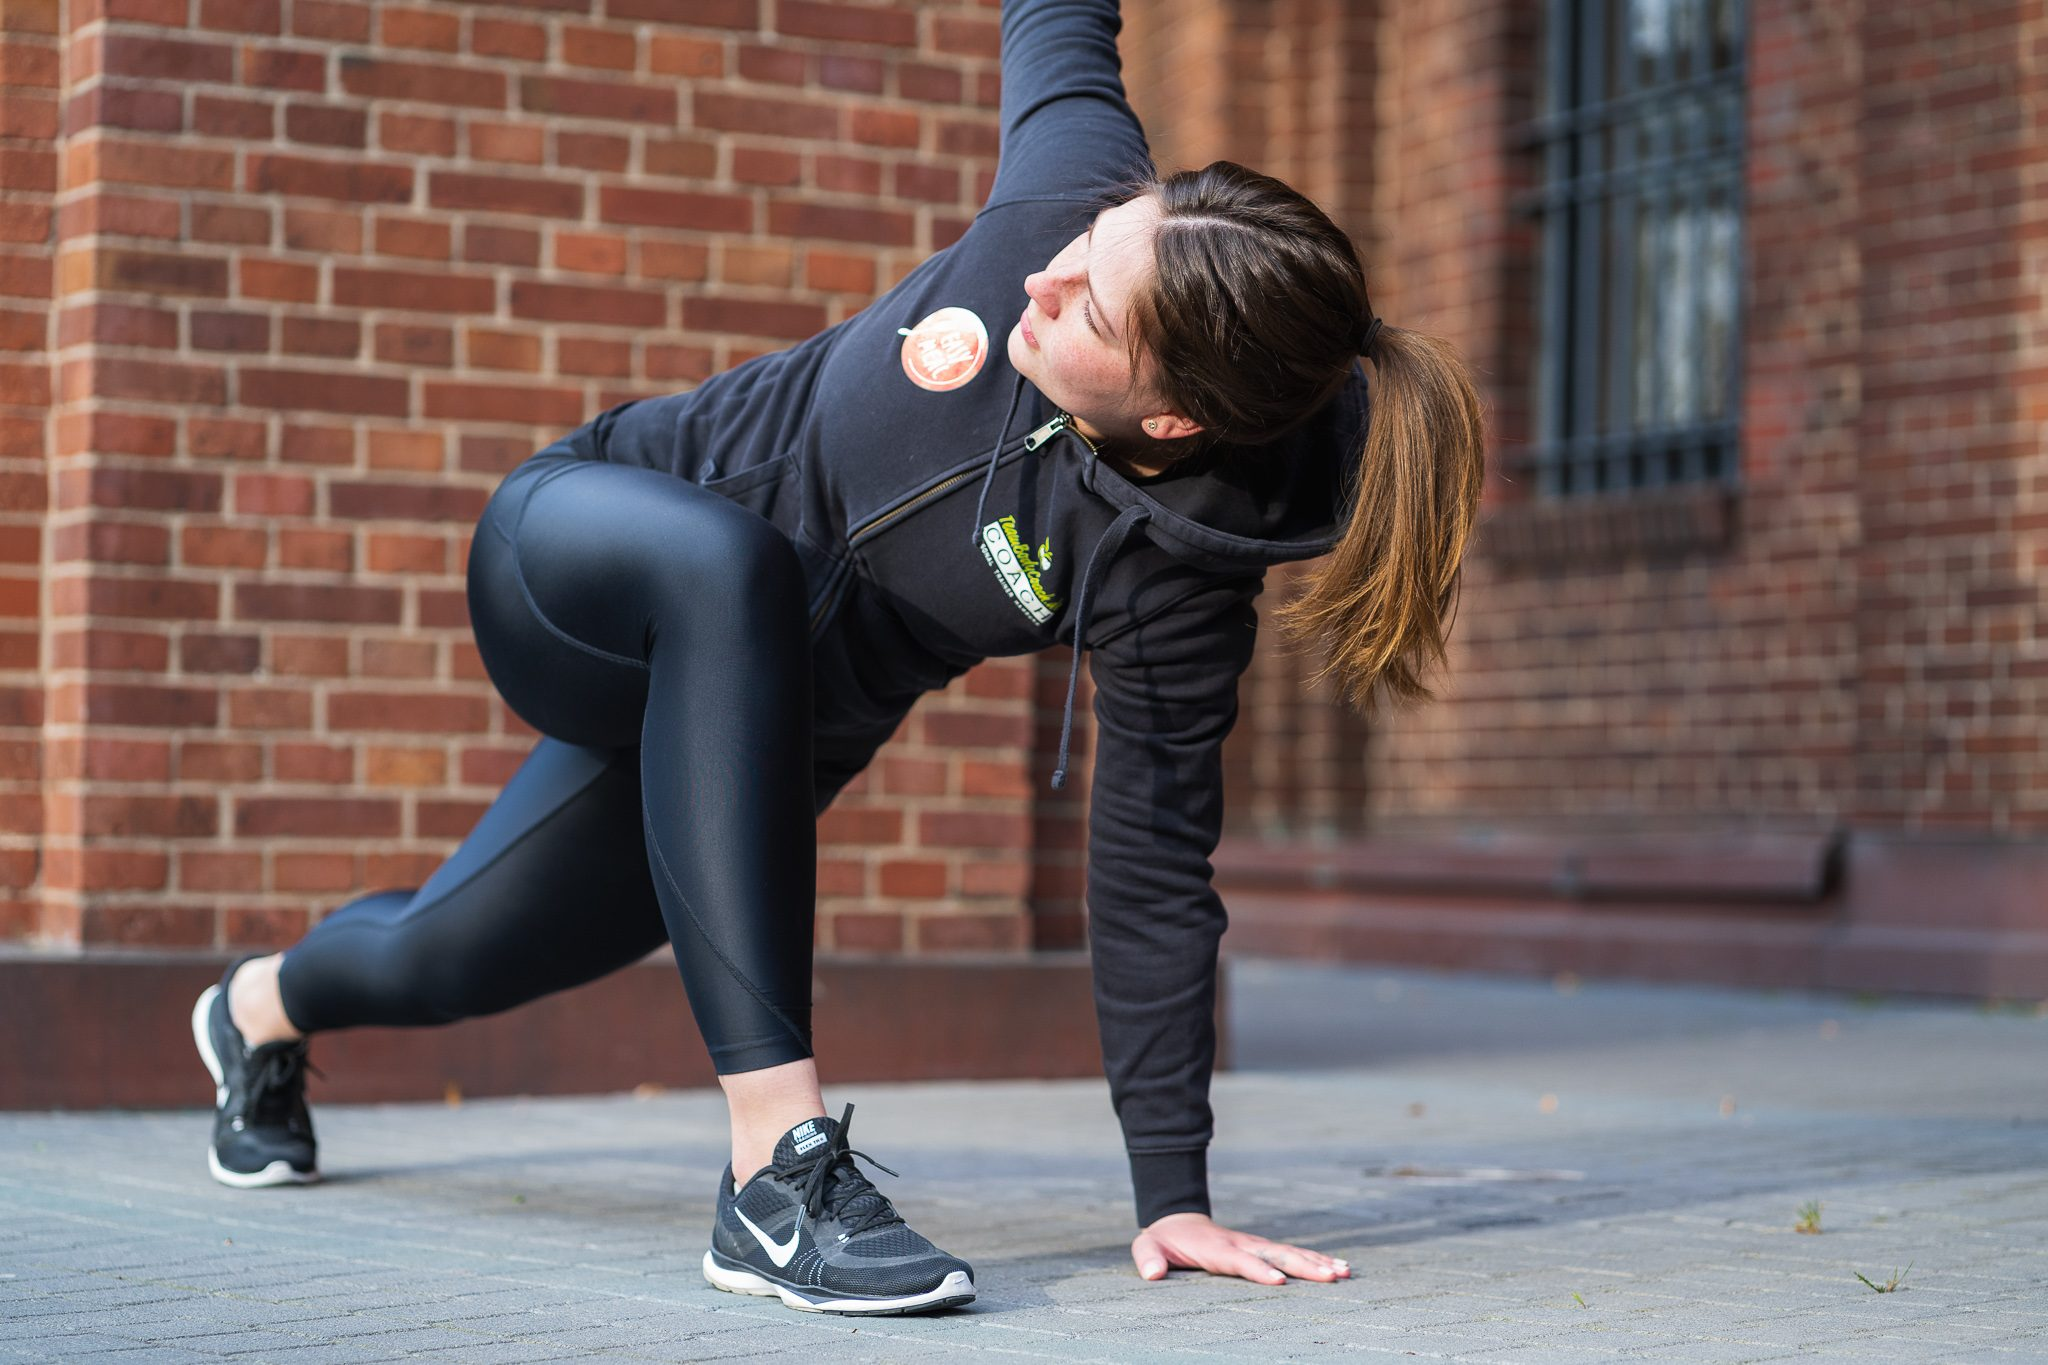 Personal Fitness Trainer Hamburg - TeamBodyCoach - Sei nicht so steif - 3 Mobility Vorteile 2